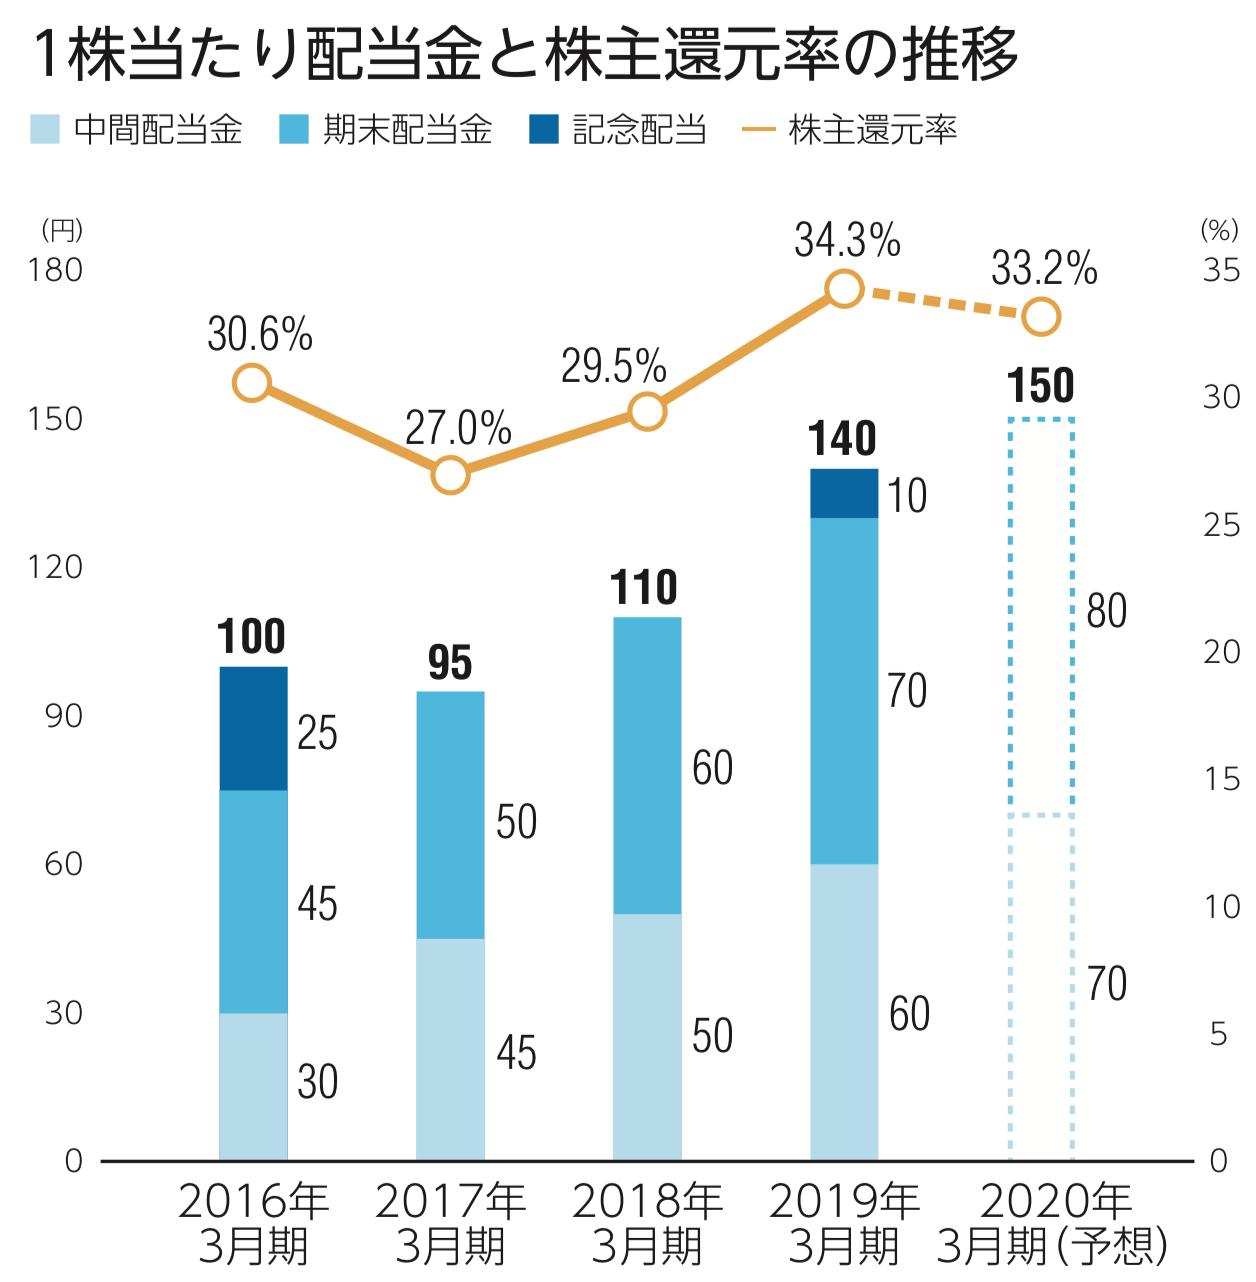 ユアサ商事株式会社 1株当たり配当金と株主還元率の推移